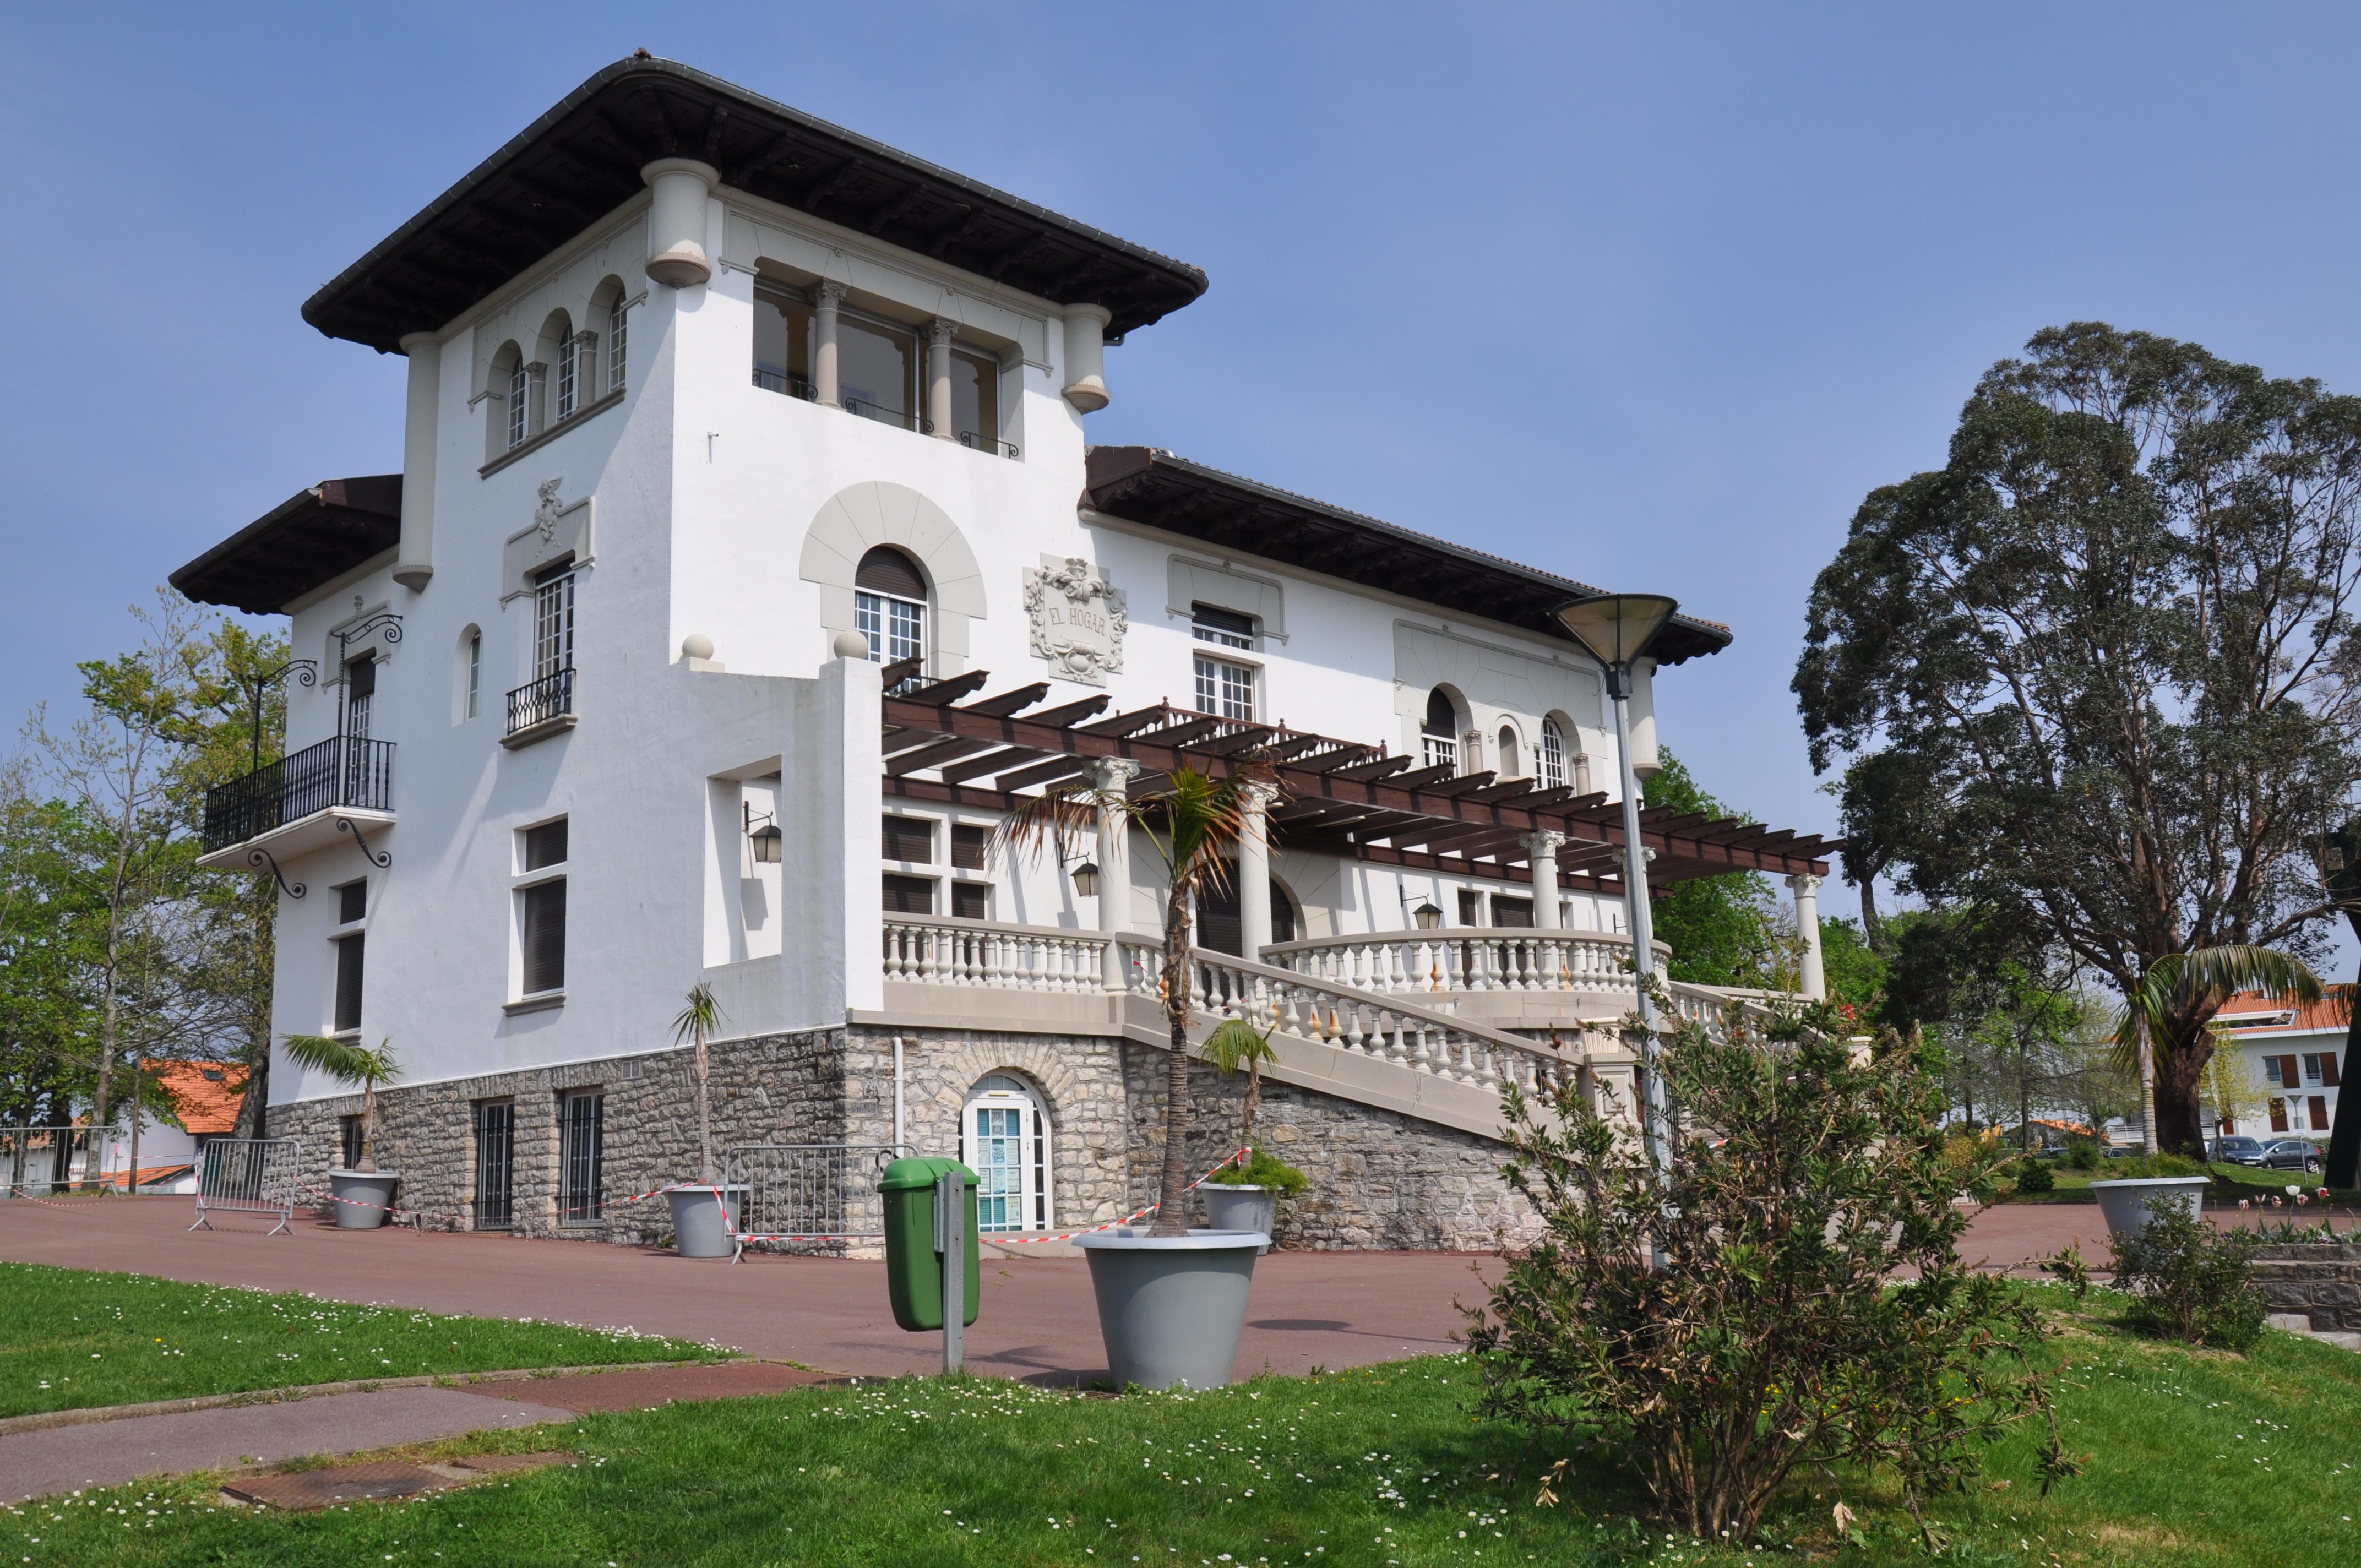 Fichier villa el hogar anglet jpg wikip dia for Autour de la maison anglet